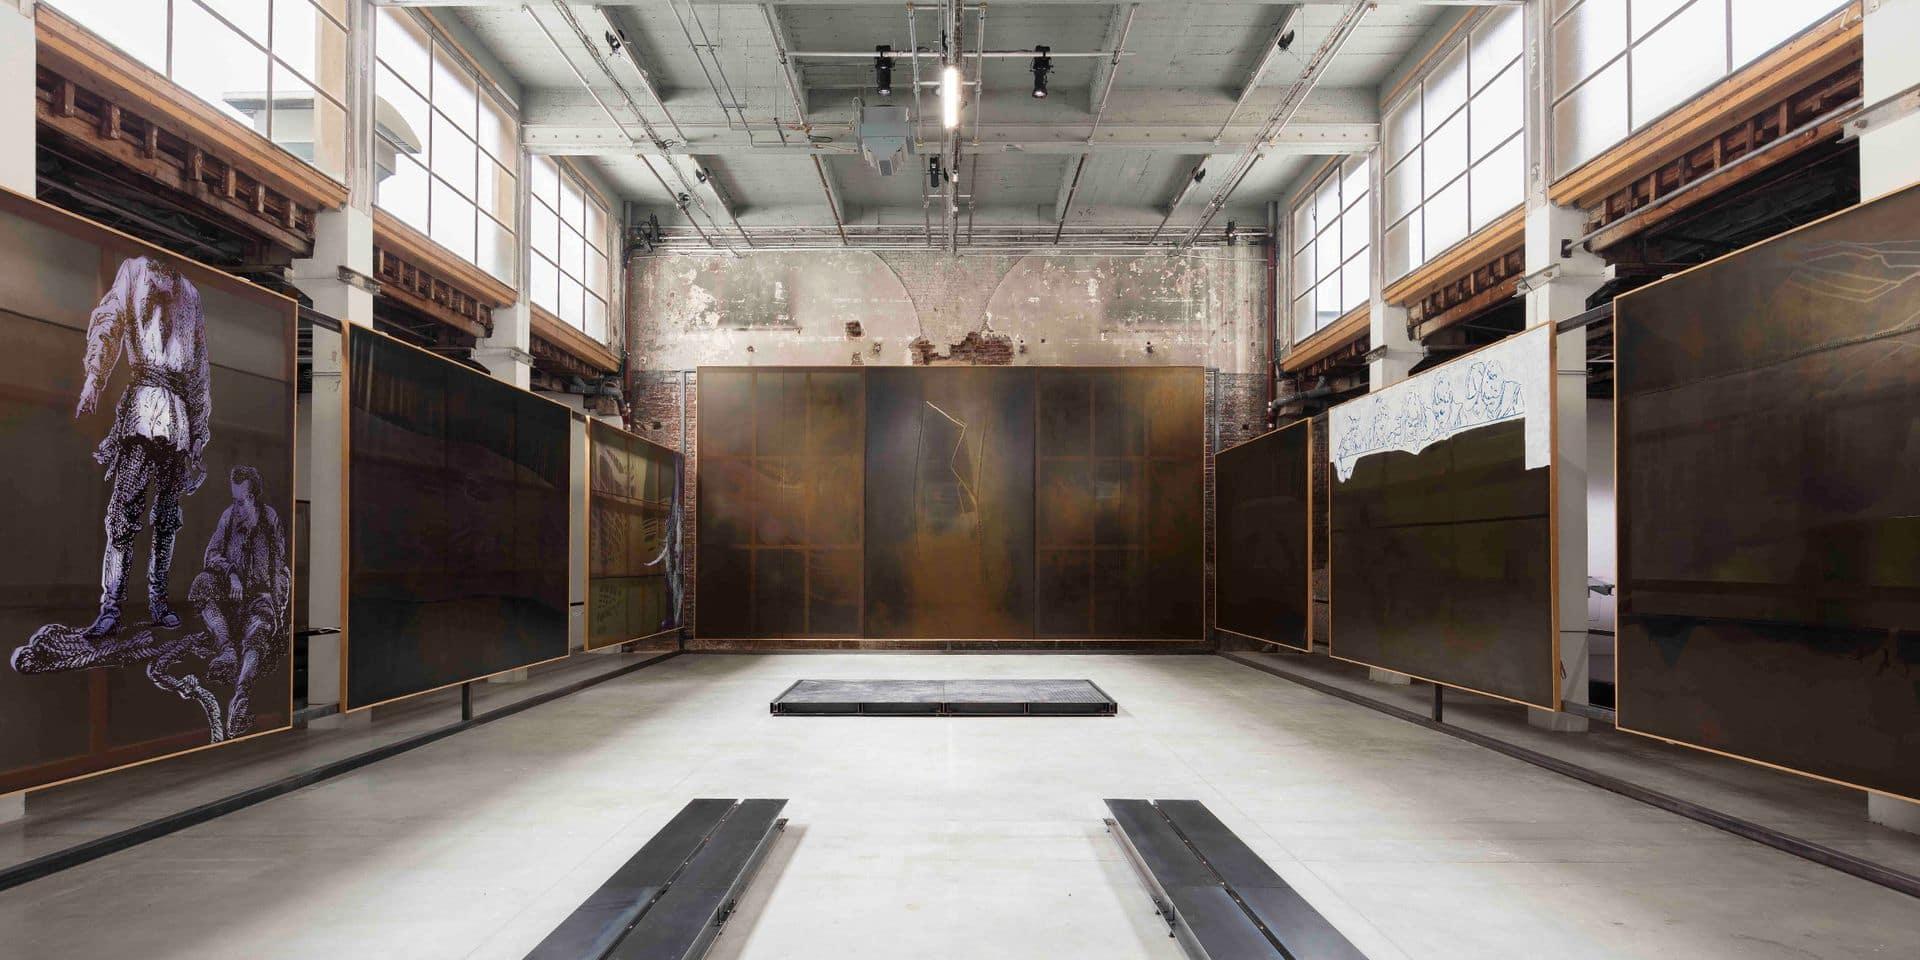 Exposition Anne Imhof au Palais de Tokyo